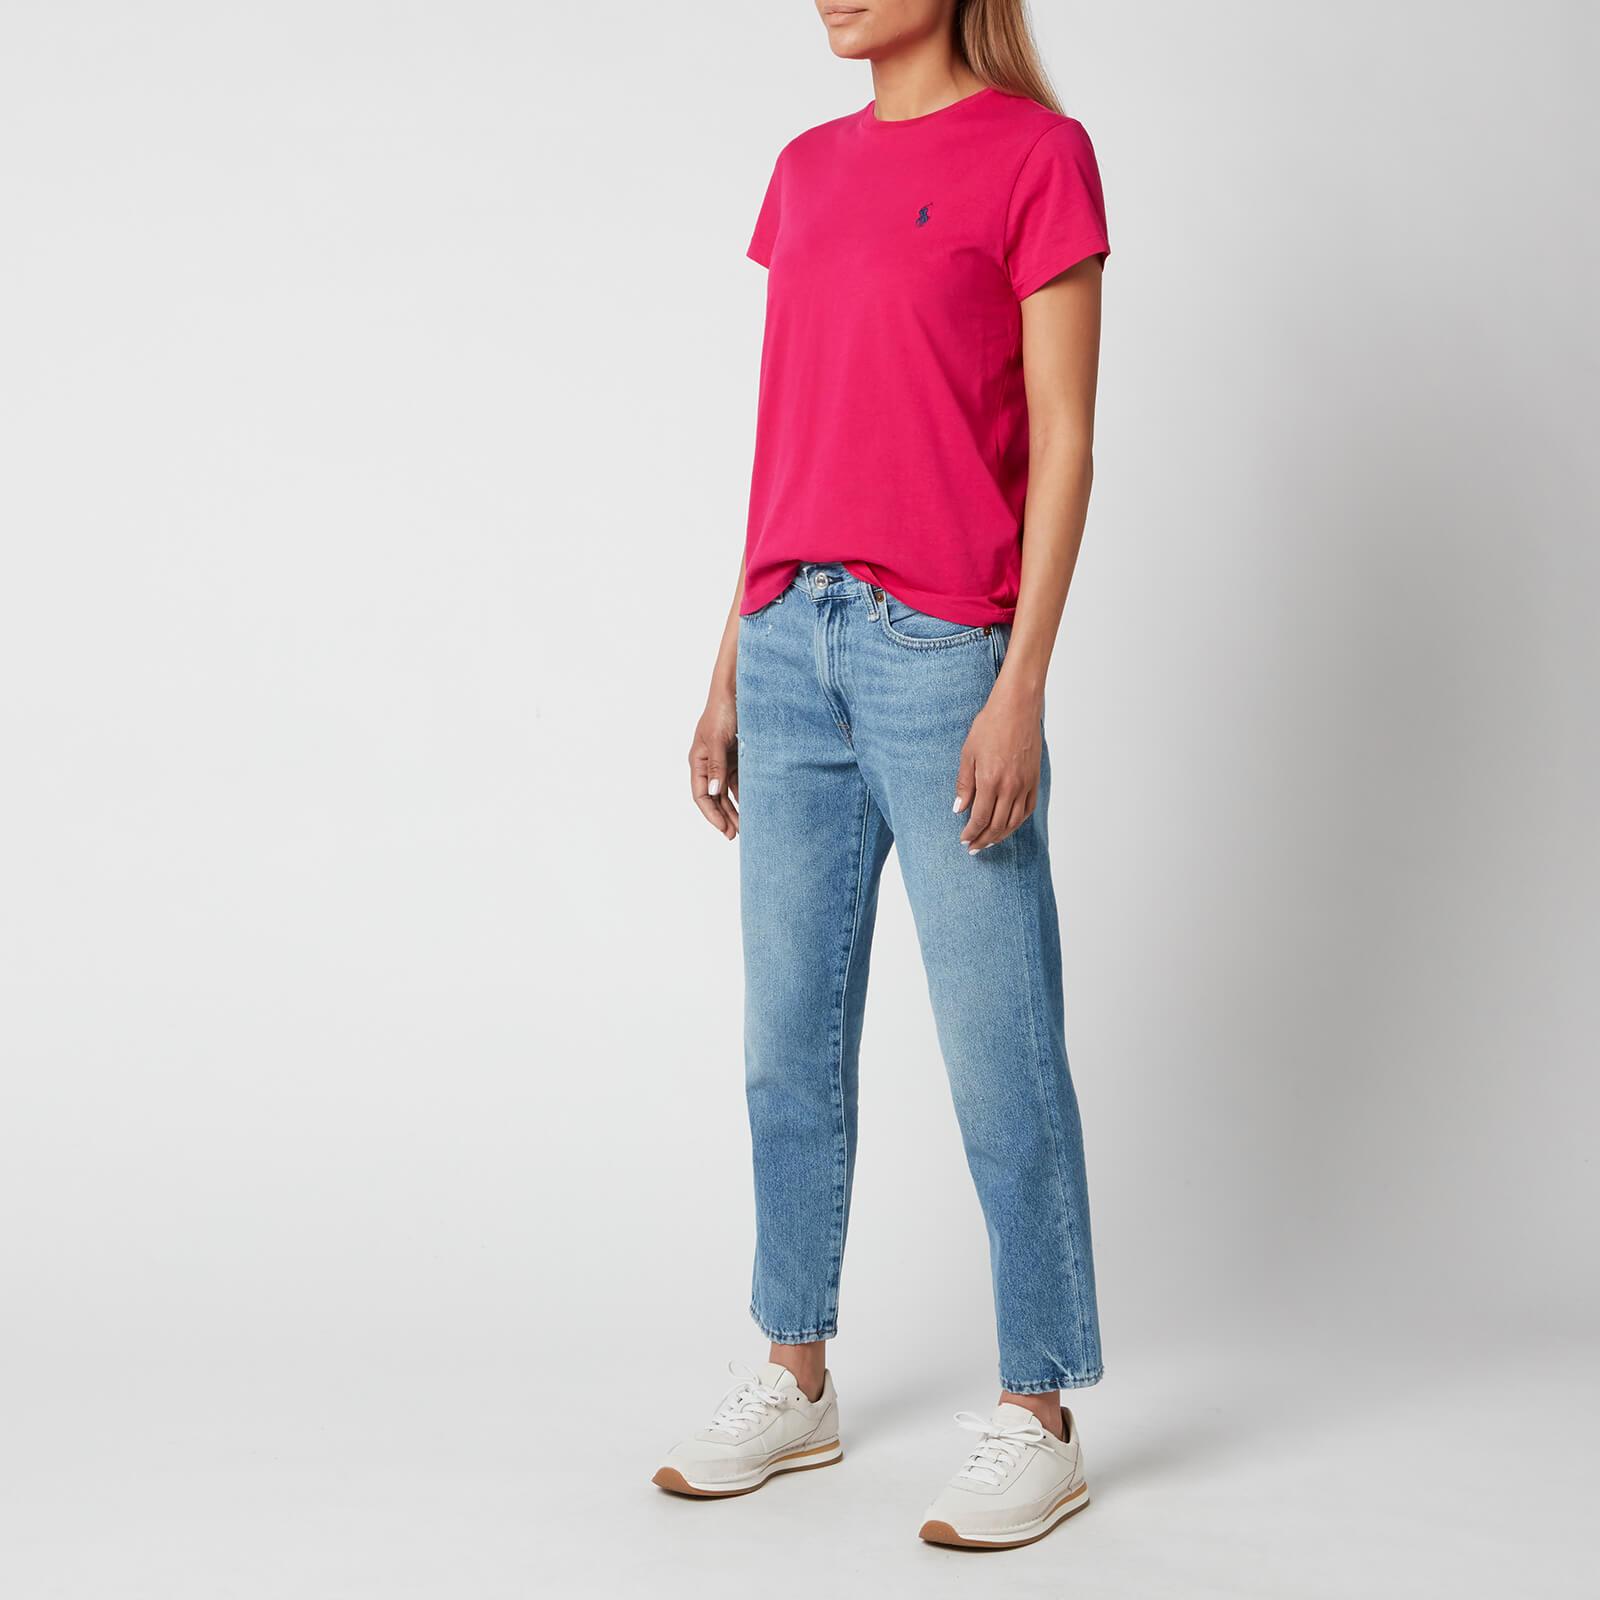 polo ralph lauren women's logo t-shirt - sport pink - s